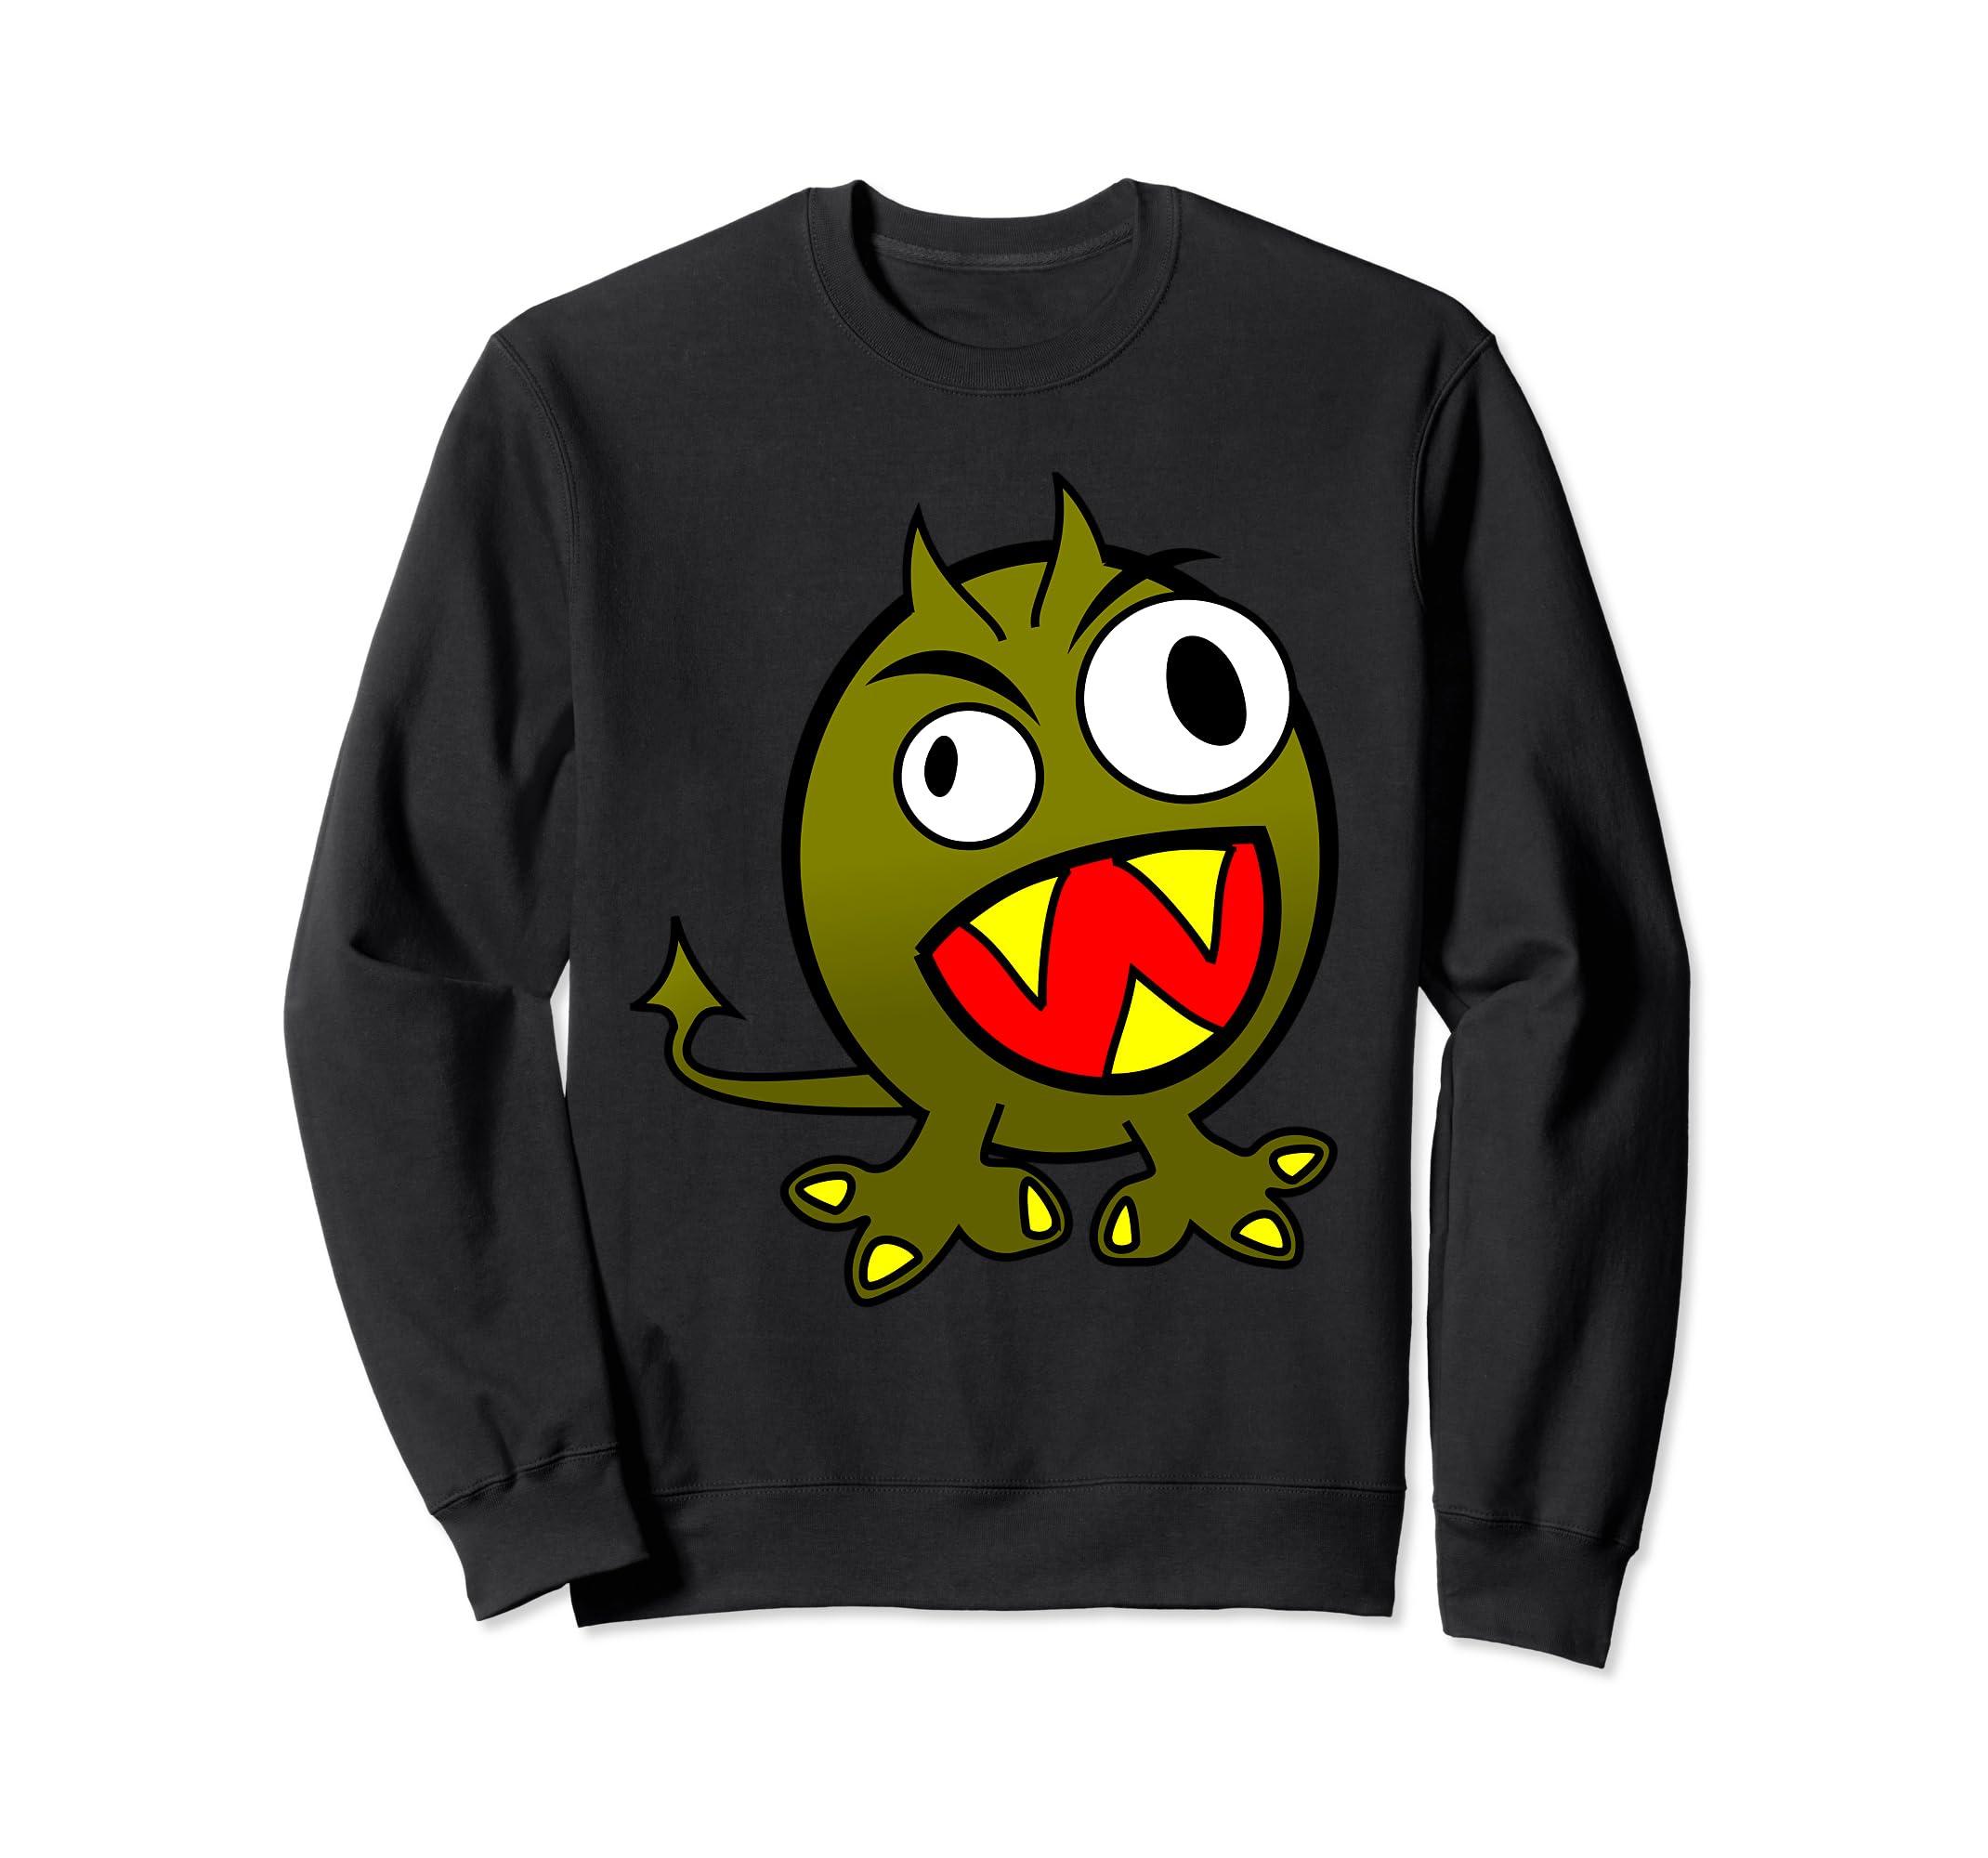 Cute Trendy MONSTER TShirt Sweatshirt Hoodies Tees